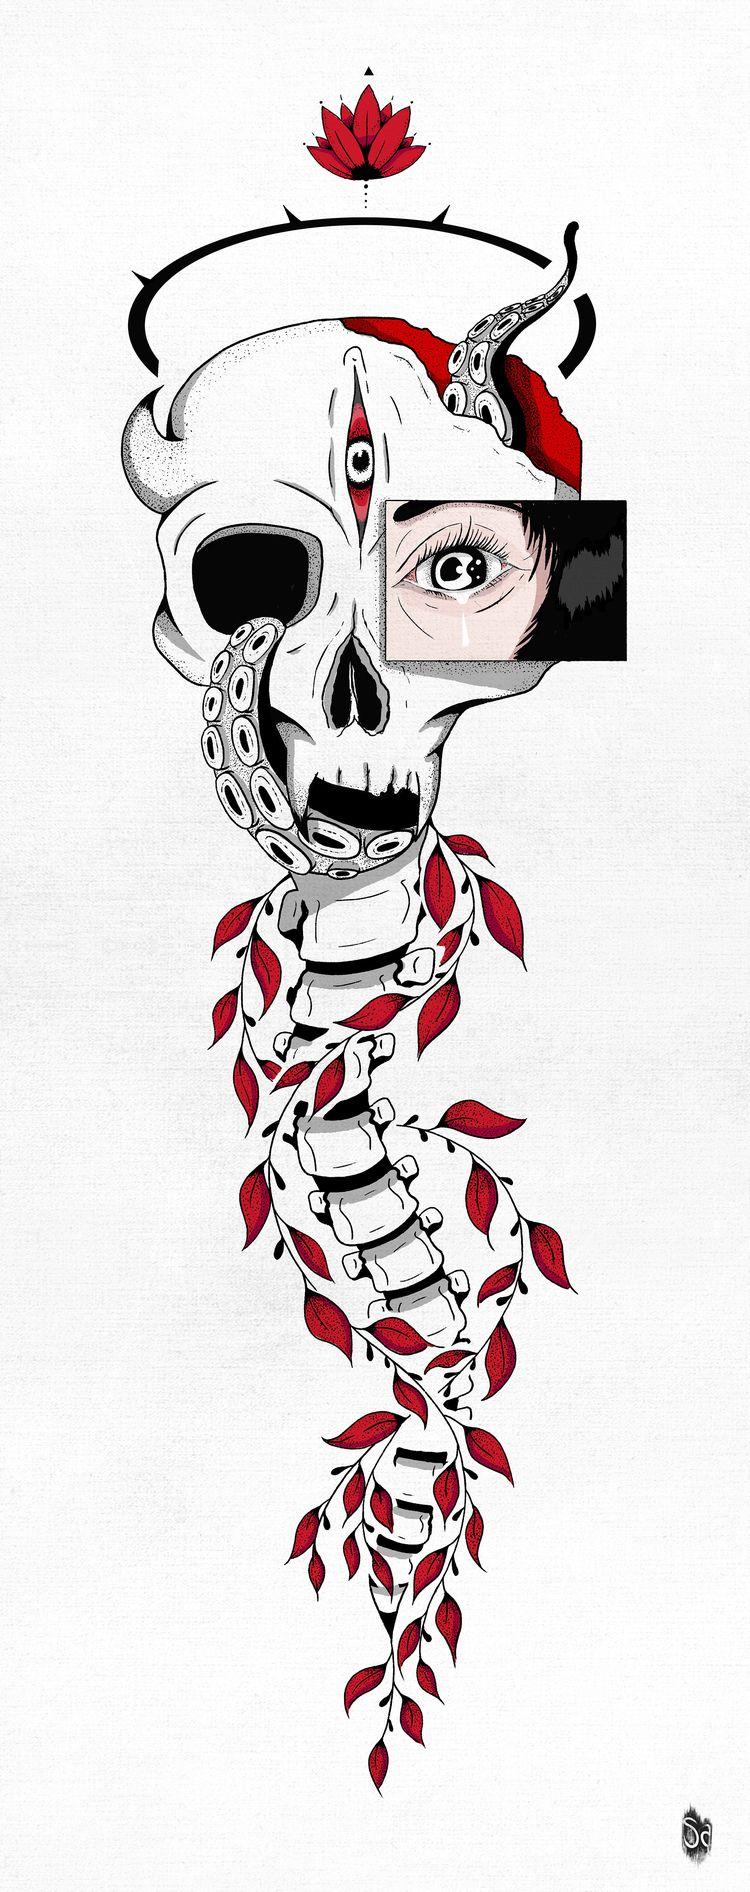 Zorrolan - Drawing, Skull, Woman - selametalkan   ello